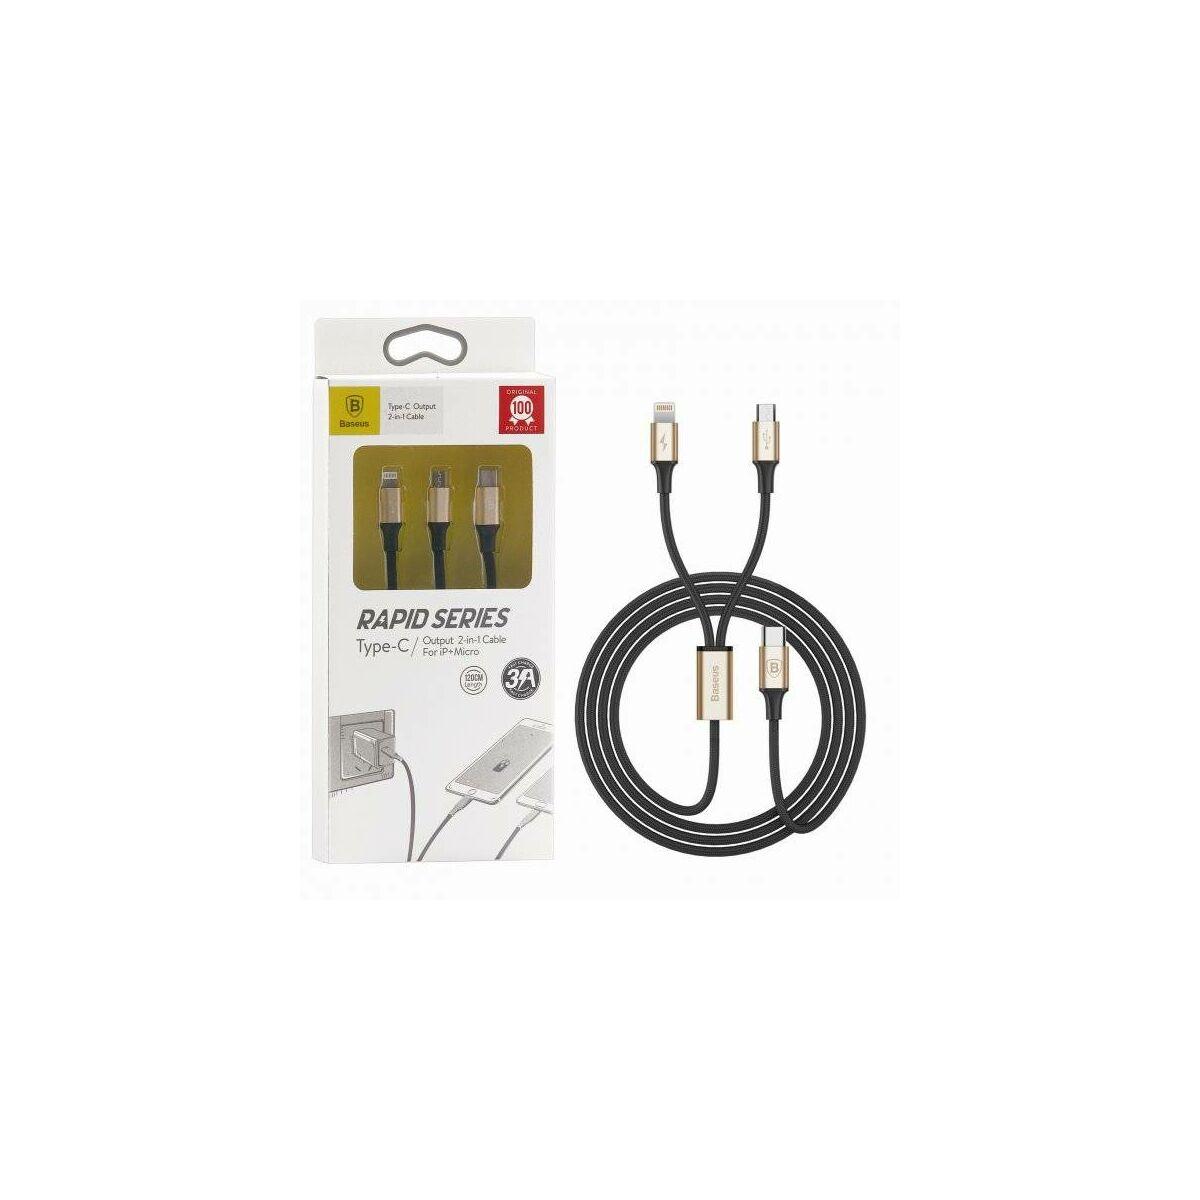 Baseus Univerzális kábel, Type-C Rapid series, 2-in-1 multifunkciós(micro USB[csak töltés] + Lightning), 3A, 1.2m, fekete/arany (CAMT-SUV1)